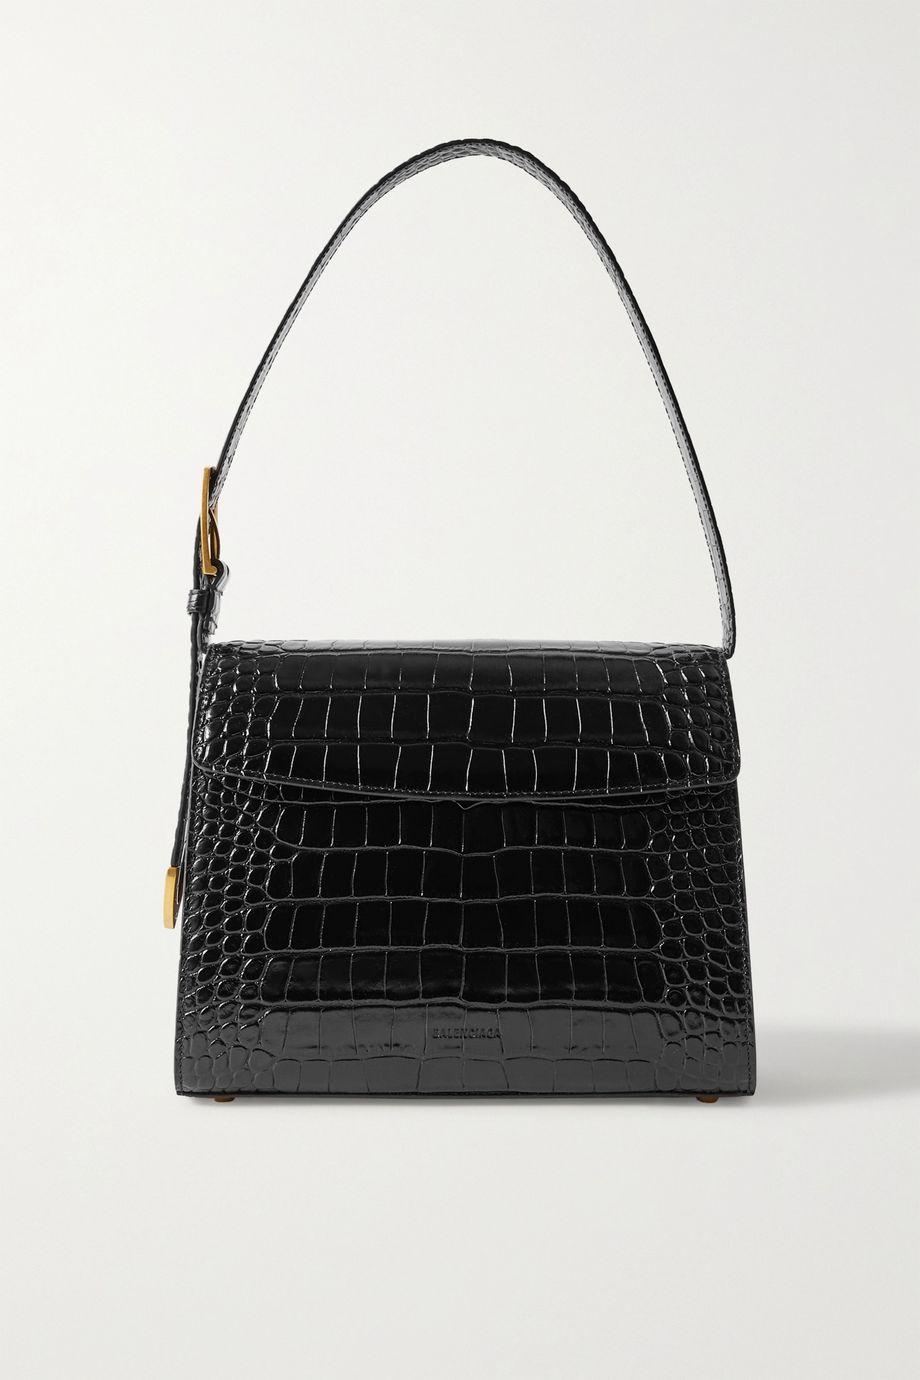 Balenciaga Ghost medium croc-effect leather shoulder bag